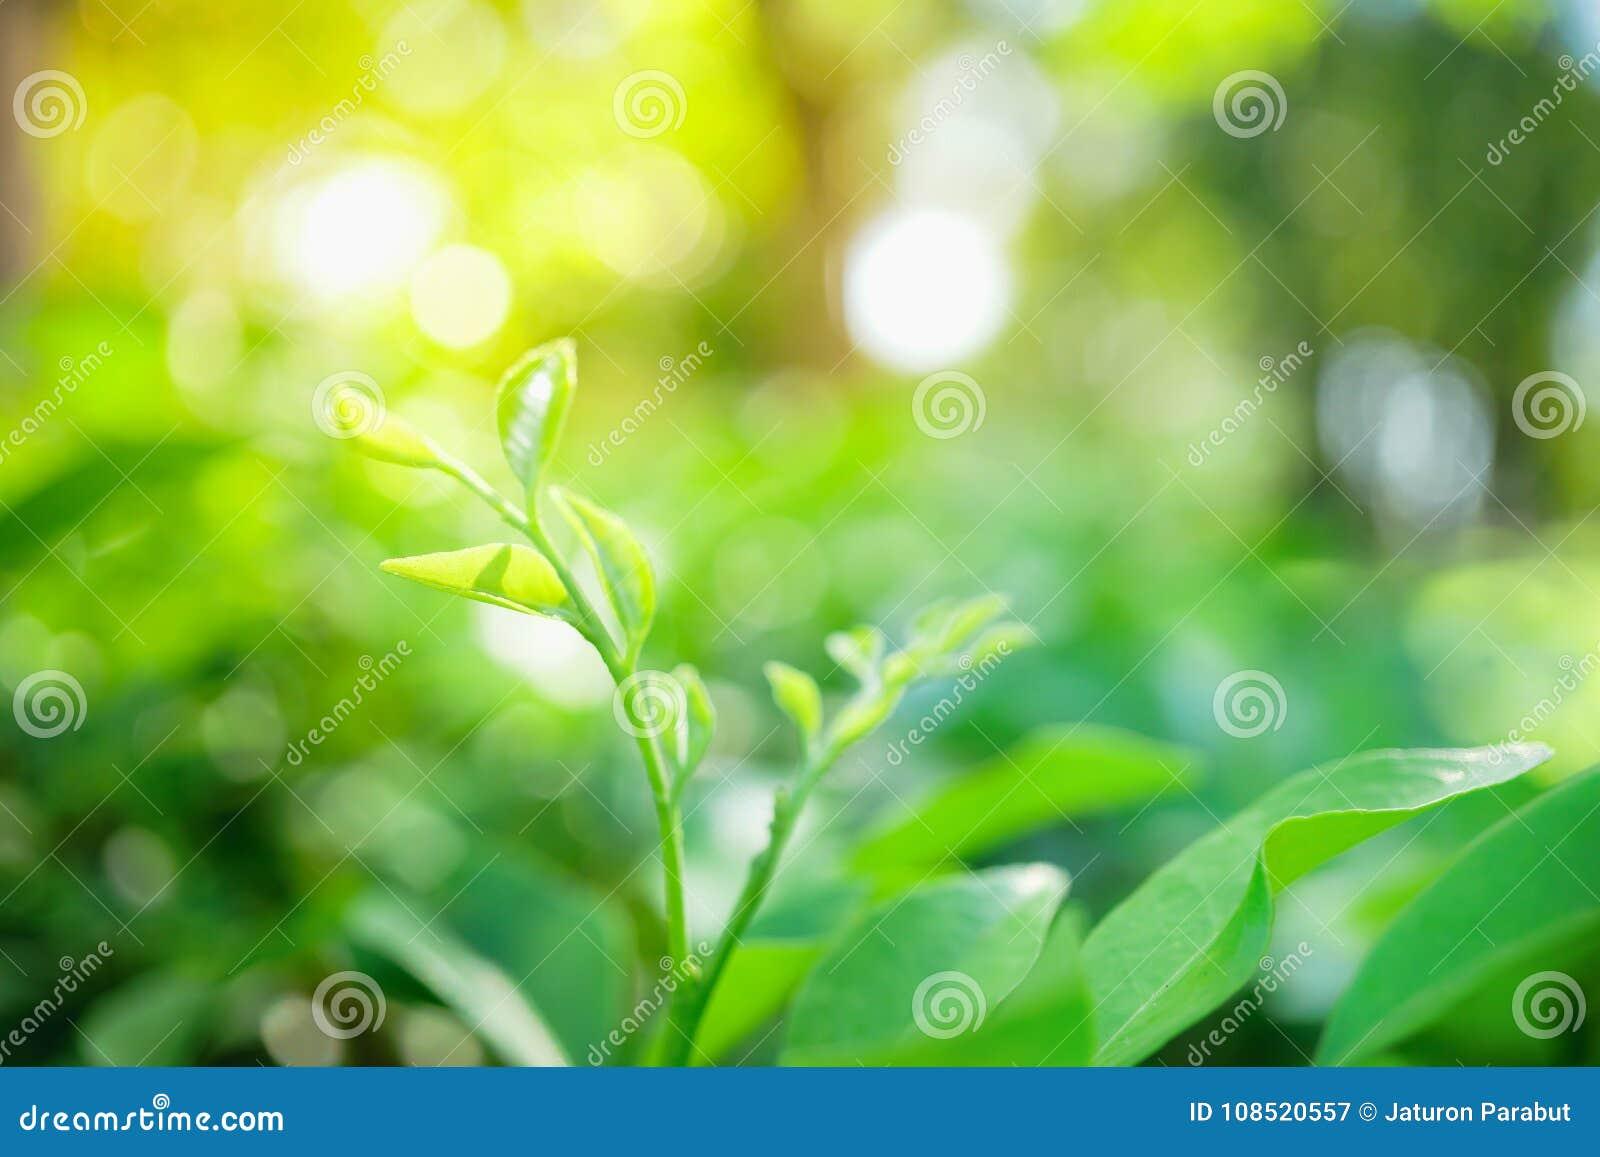 摘要弄脏了紧密绿色叶子的本质,自然绿色pl